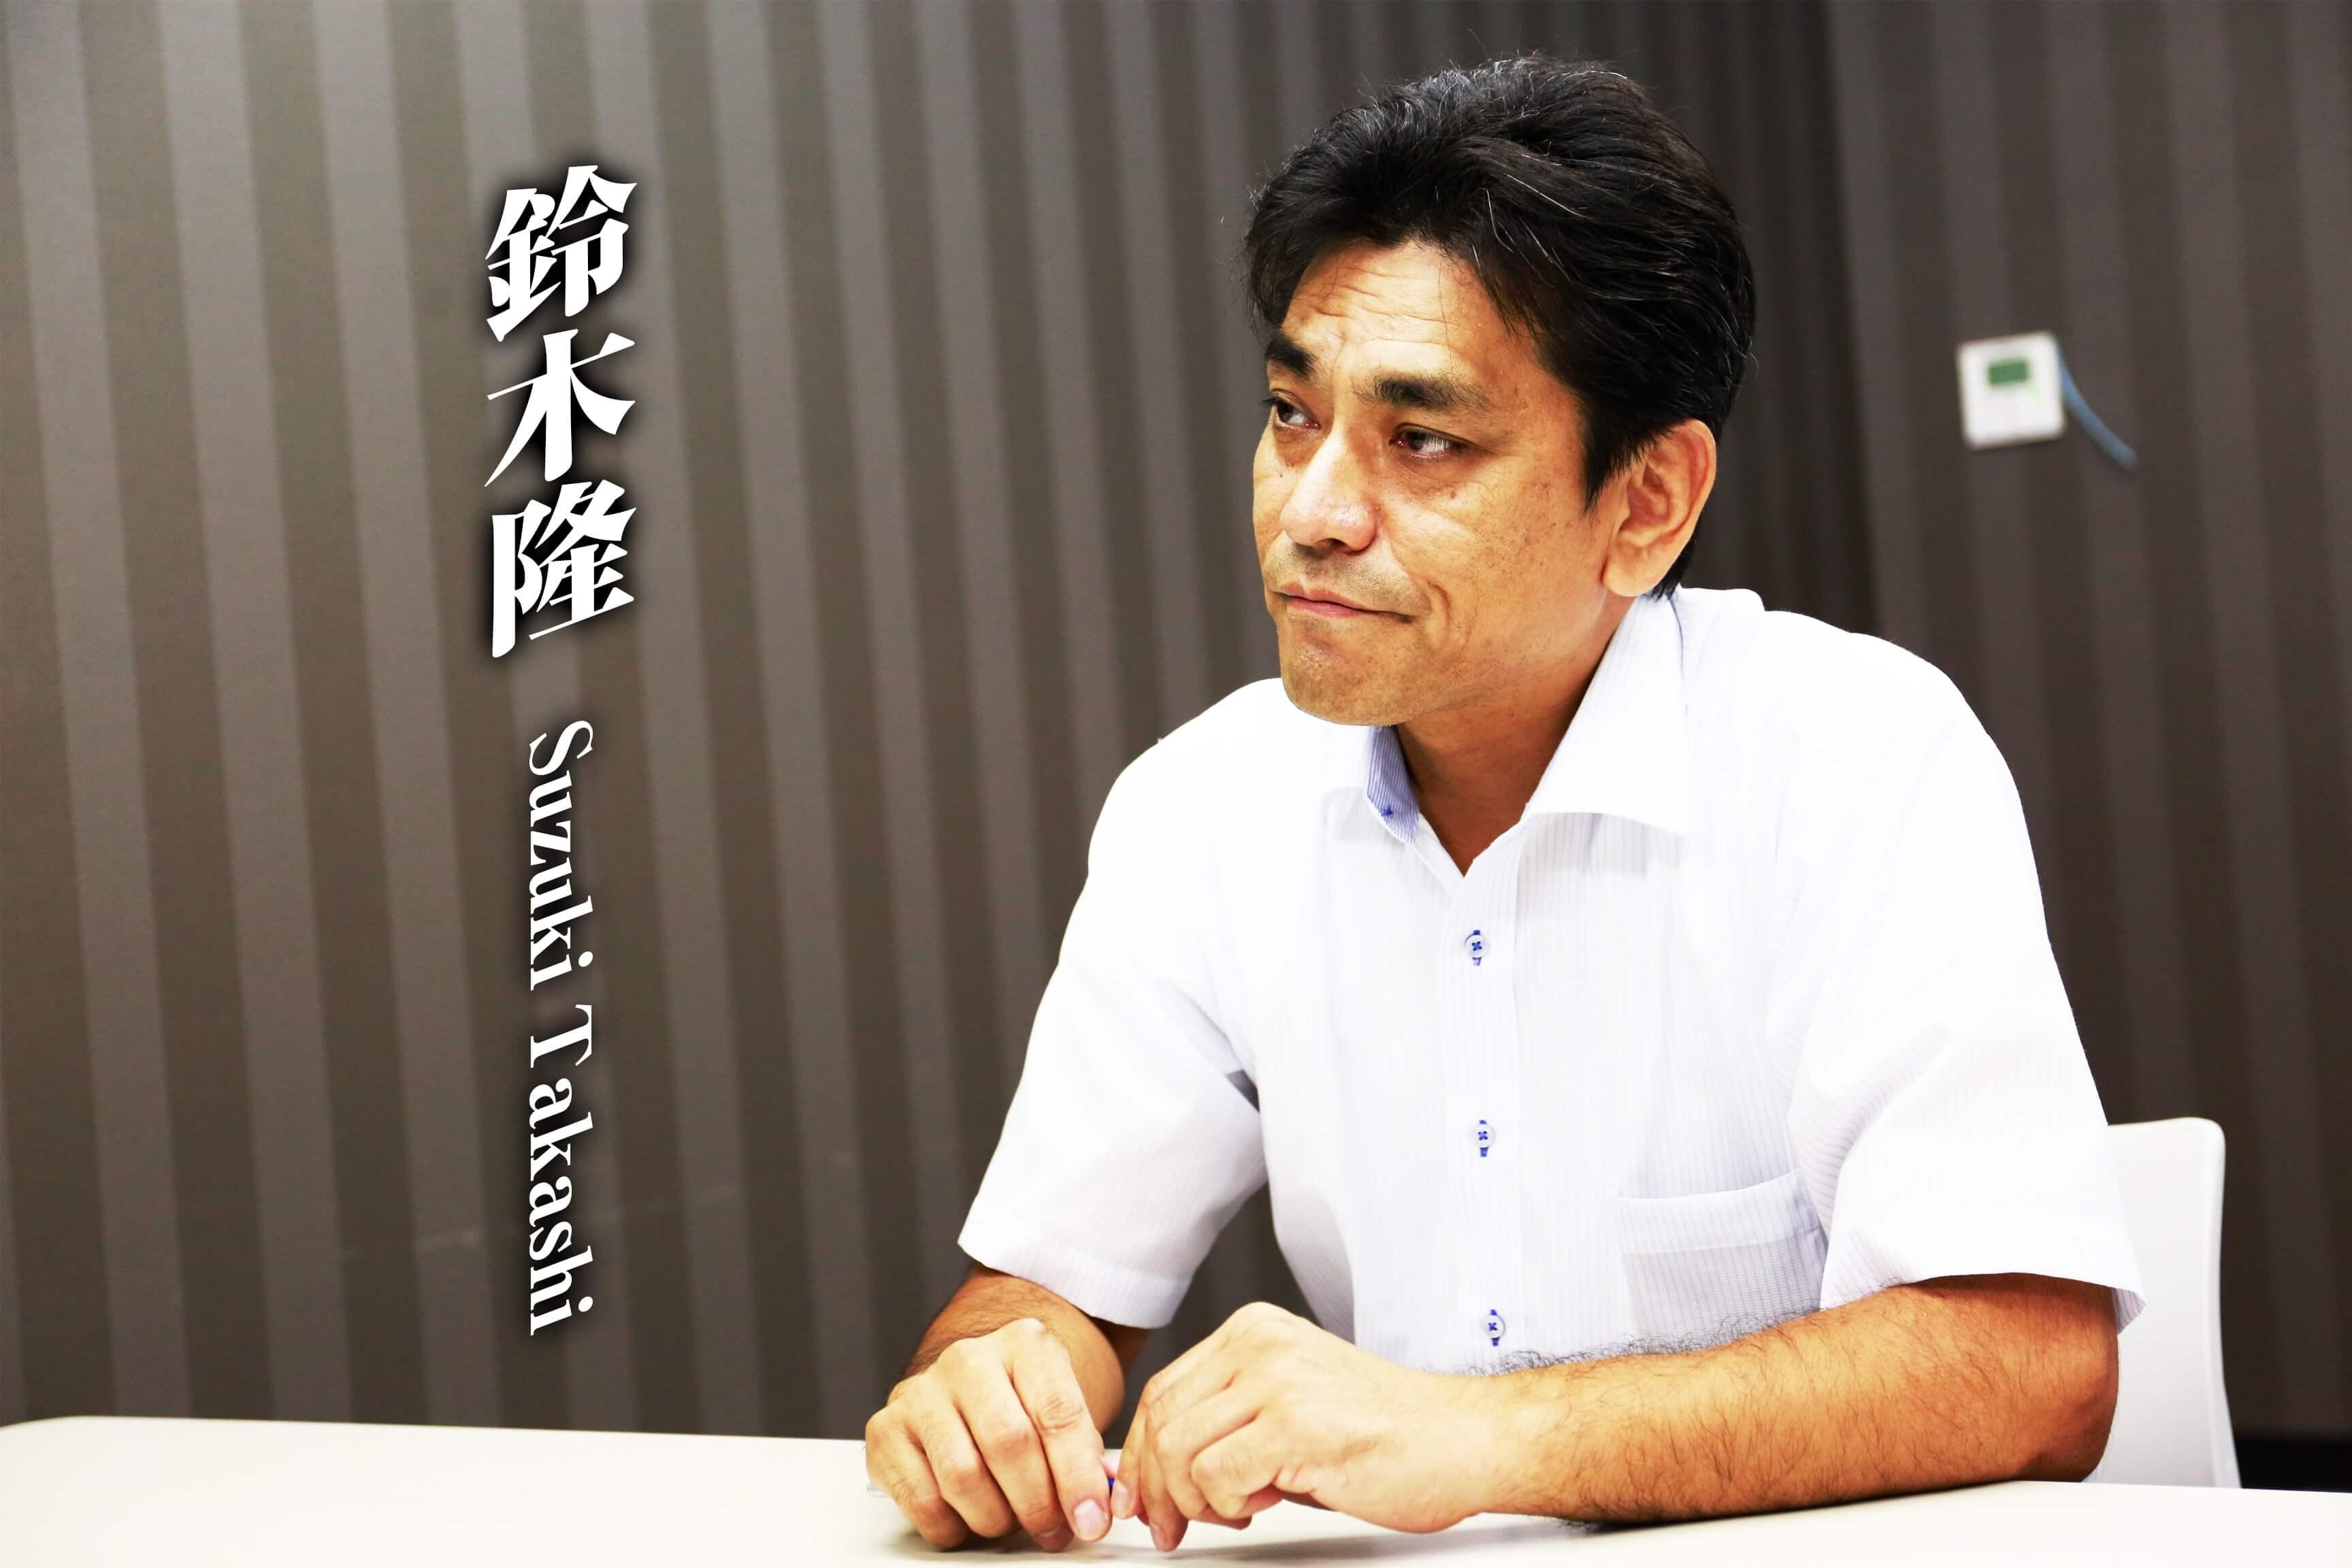 野毛印刷の仕事人ファイル No.05 ~ プリントセンター係長 鈴木 隆 ~